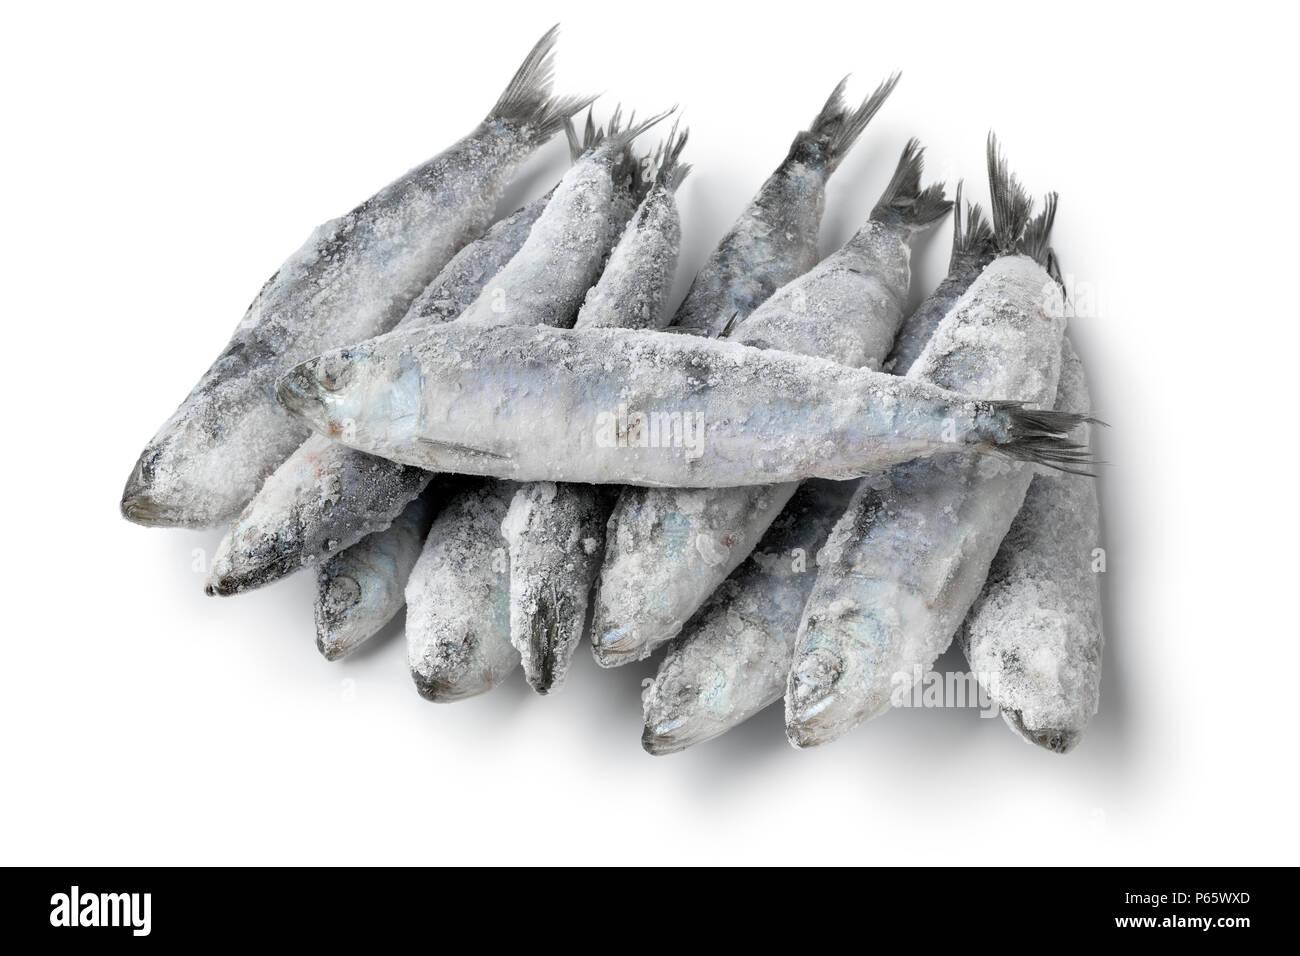 Tas de sardines crues congelées fraîches isolées sur fond blanc Photo Stock